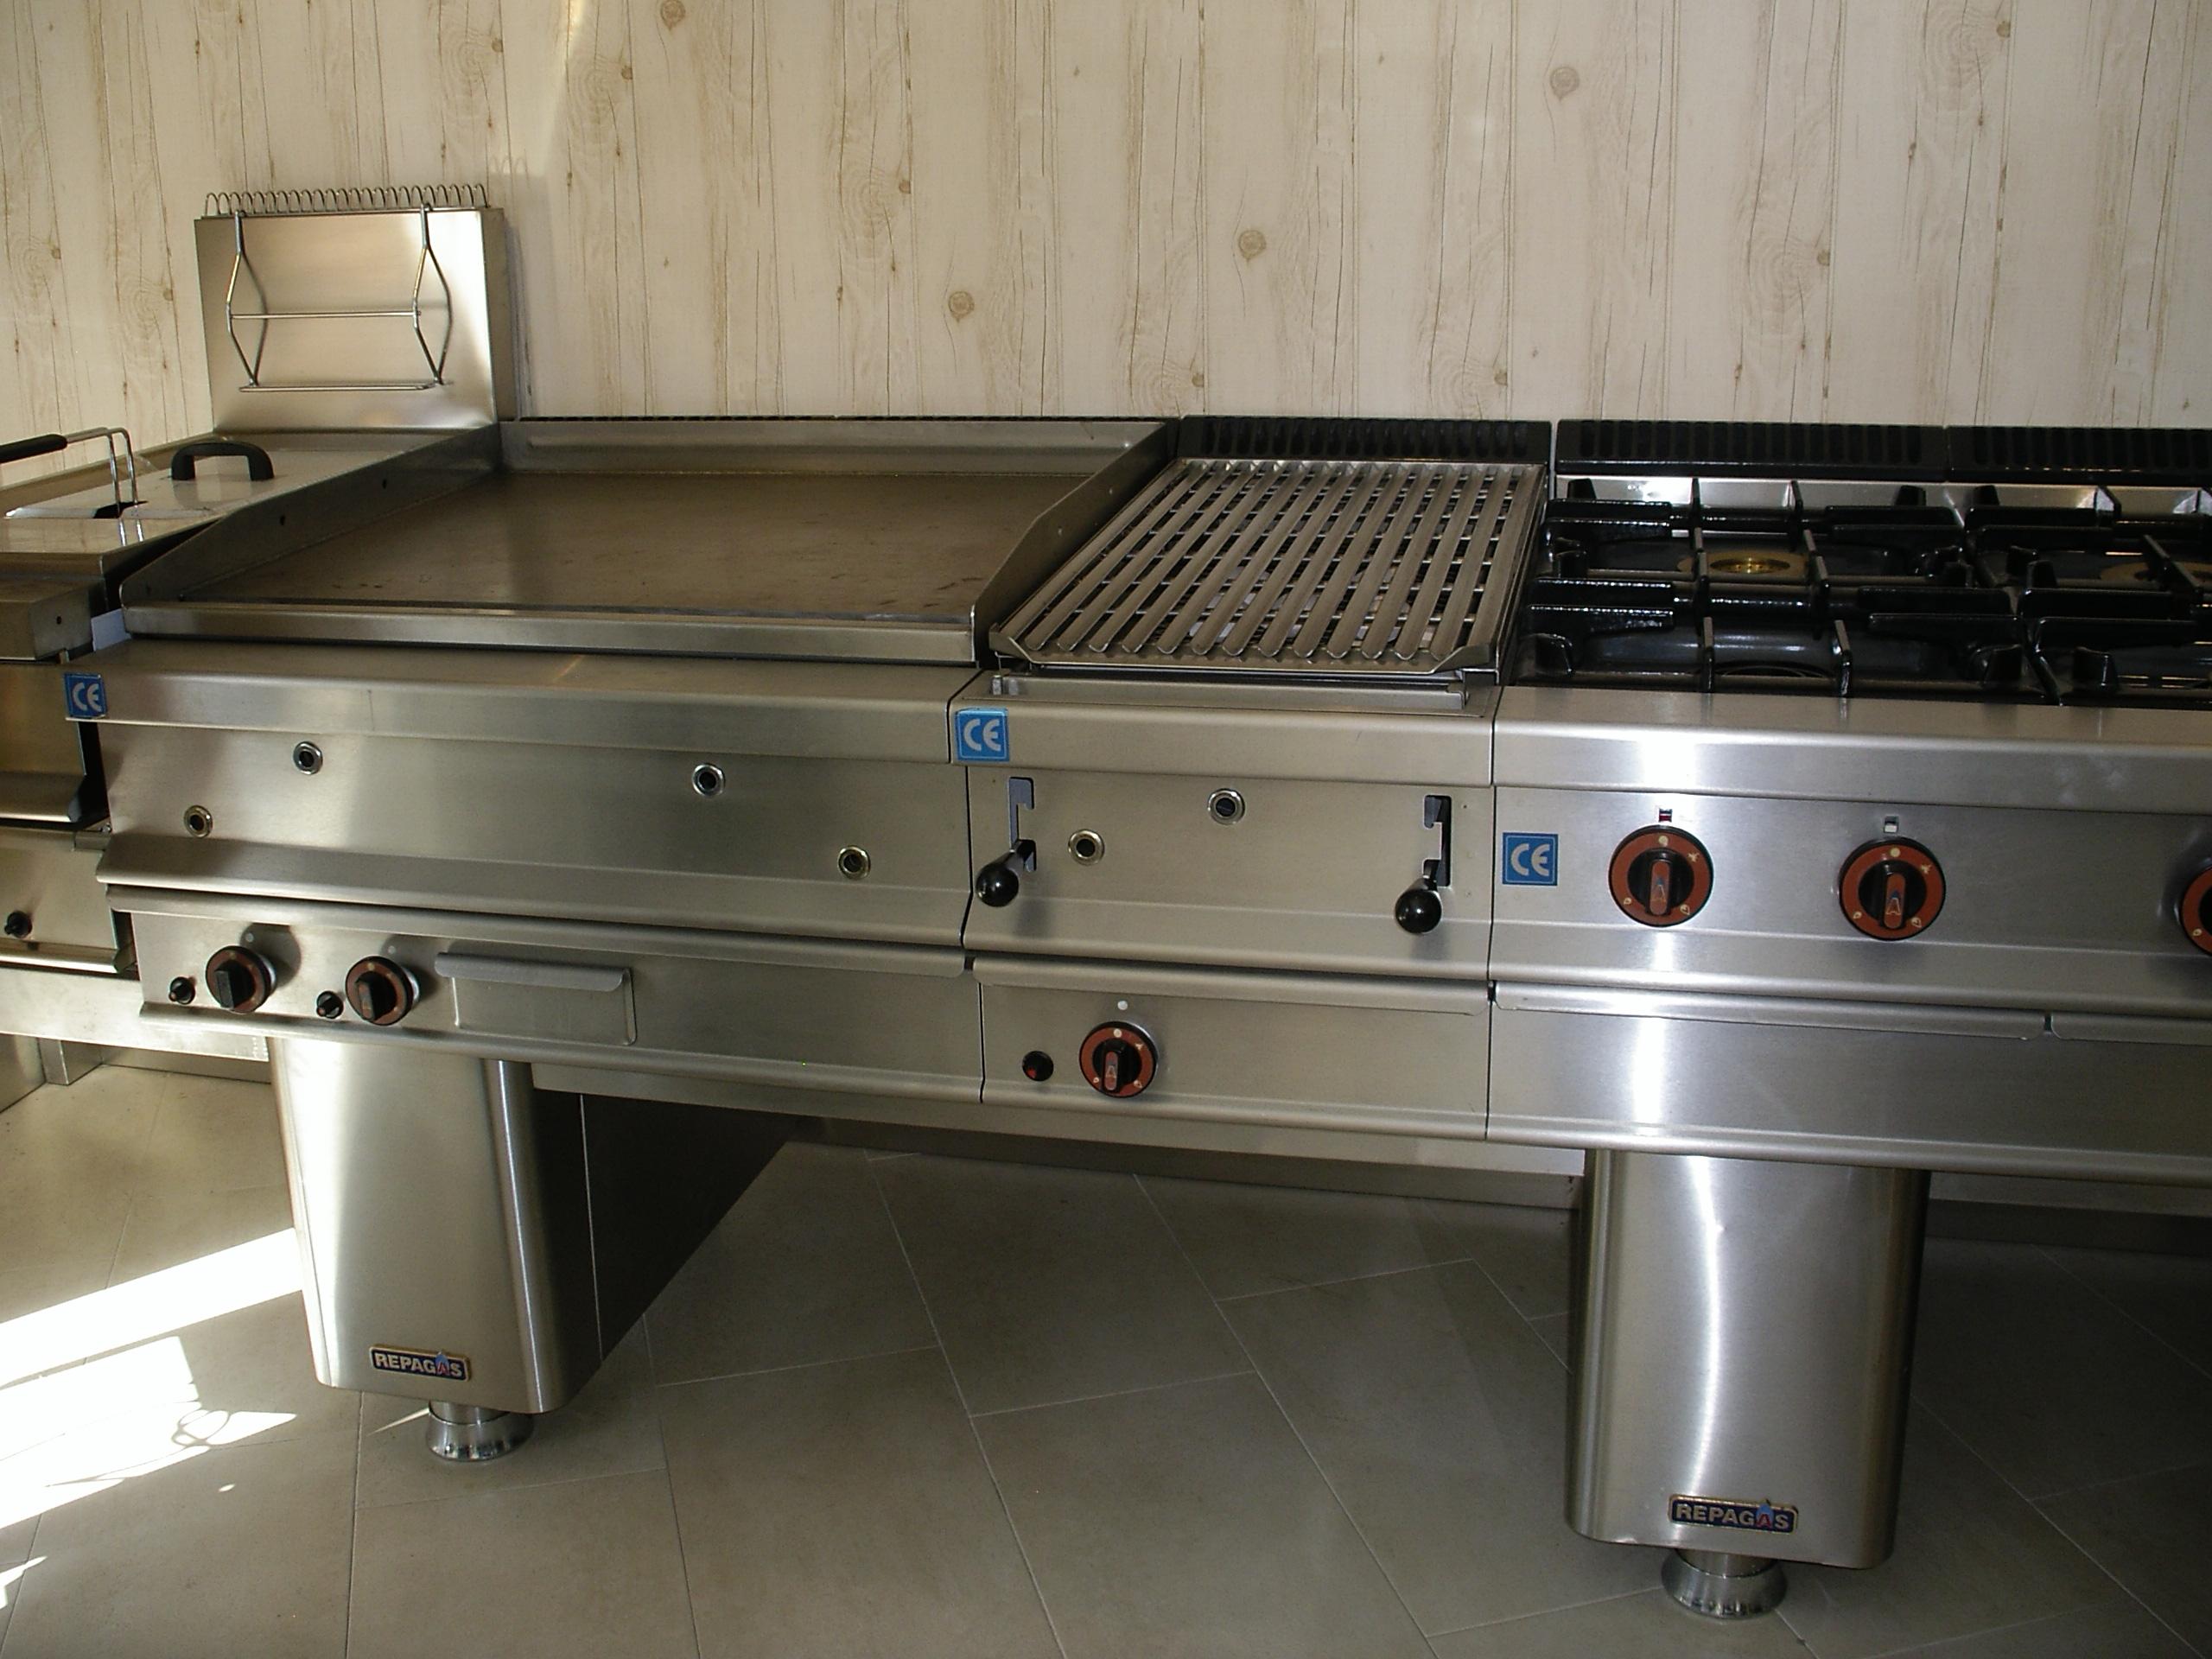 74 cocinas industriales repagas 5 maquinaria de for Cocinas repagas